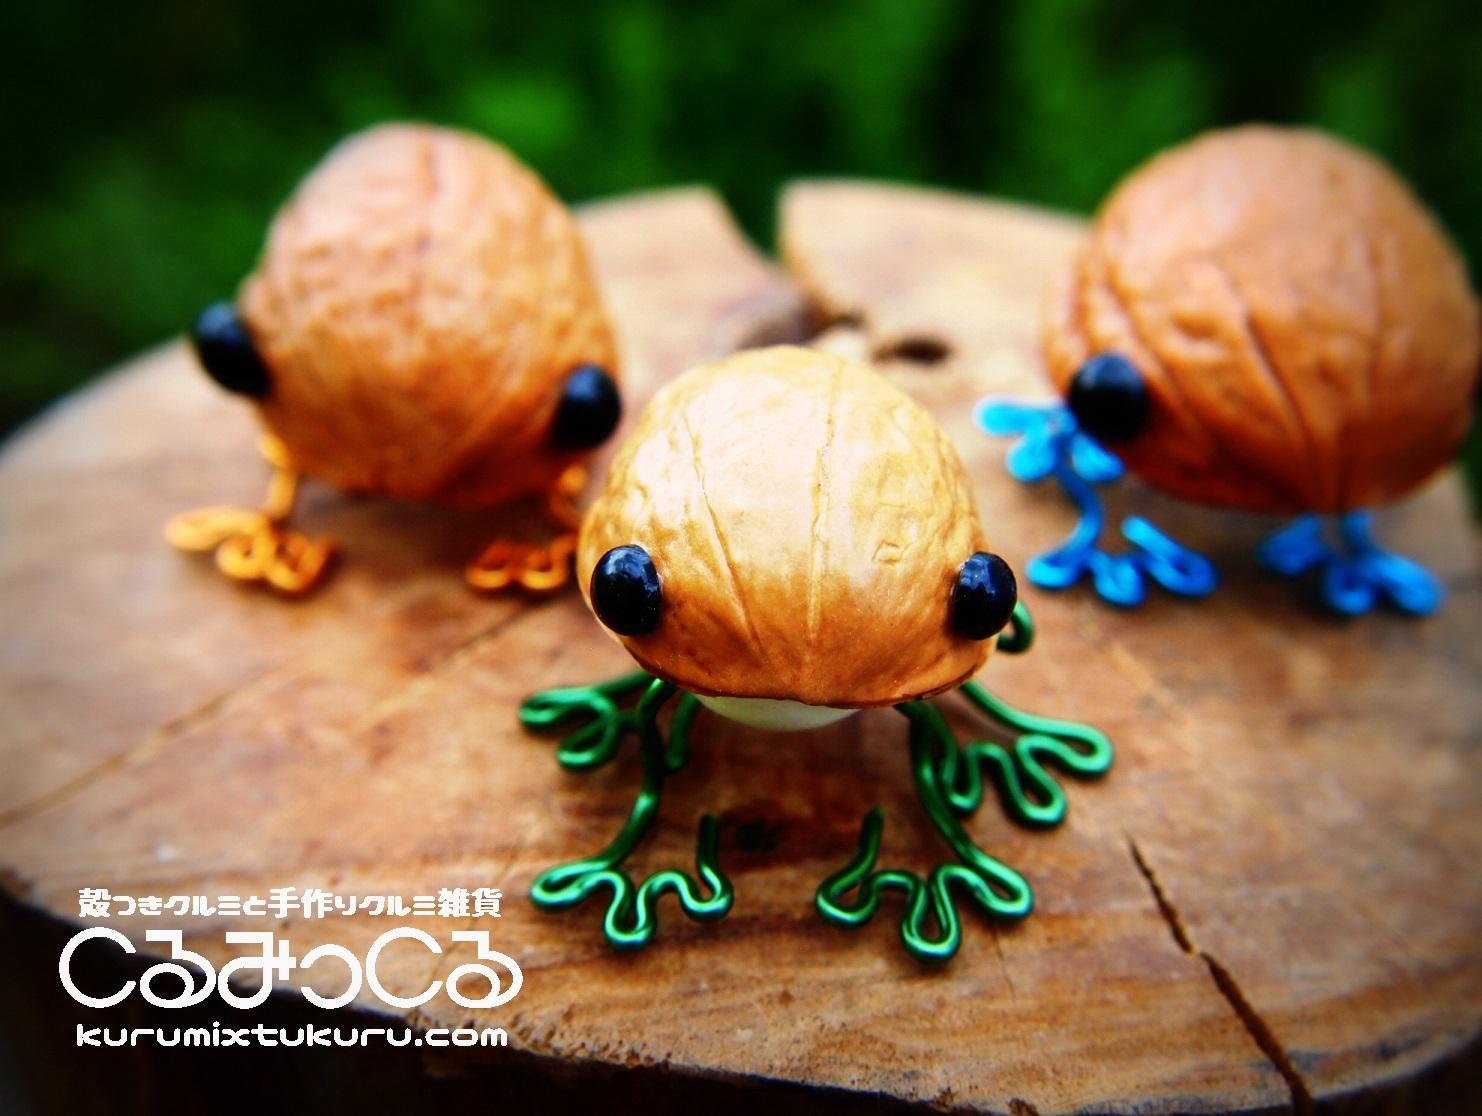 クルミのカエル くるっケロ_c0363428_14531324.jpg